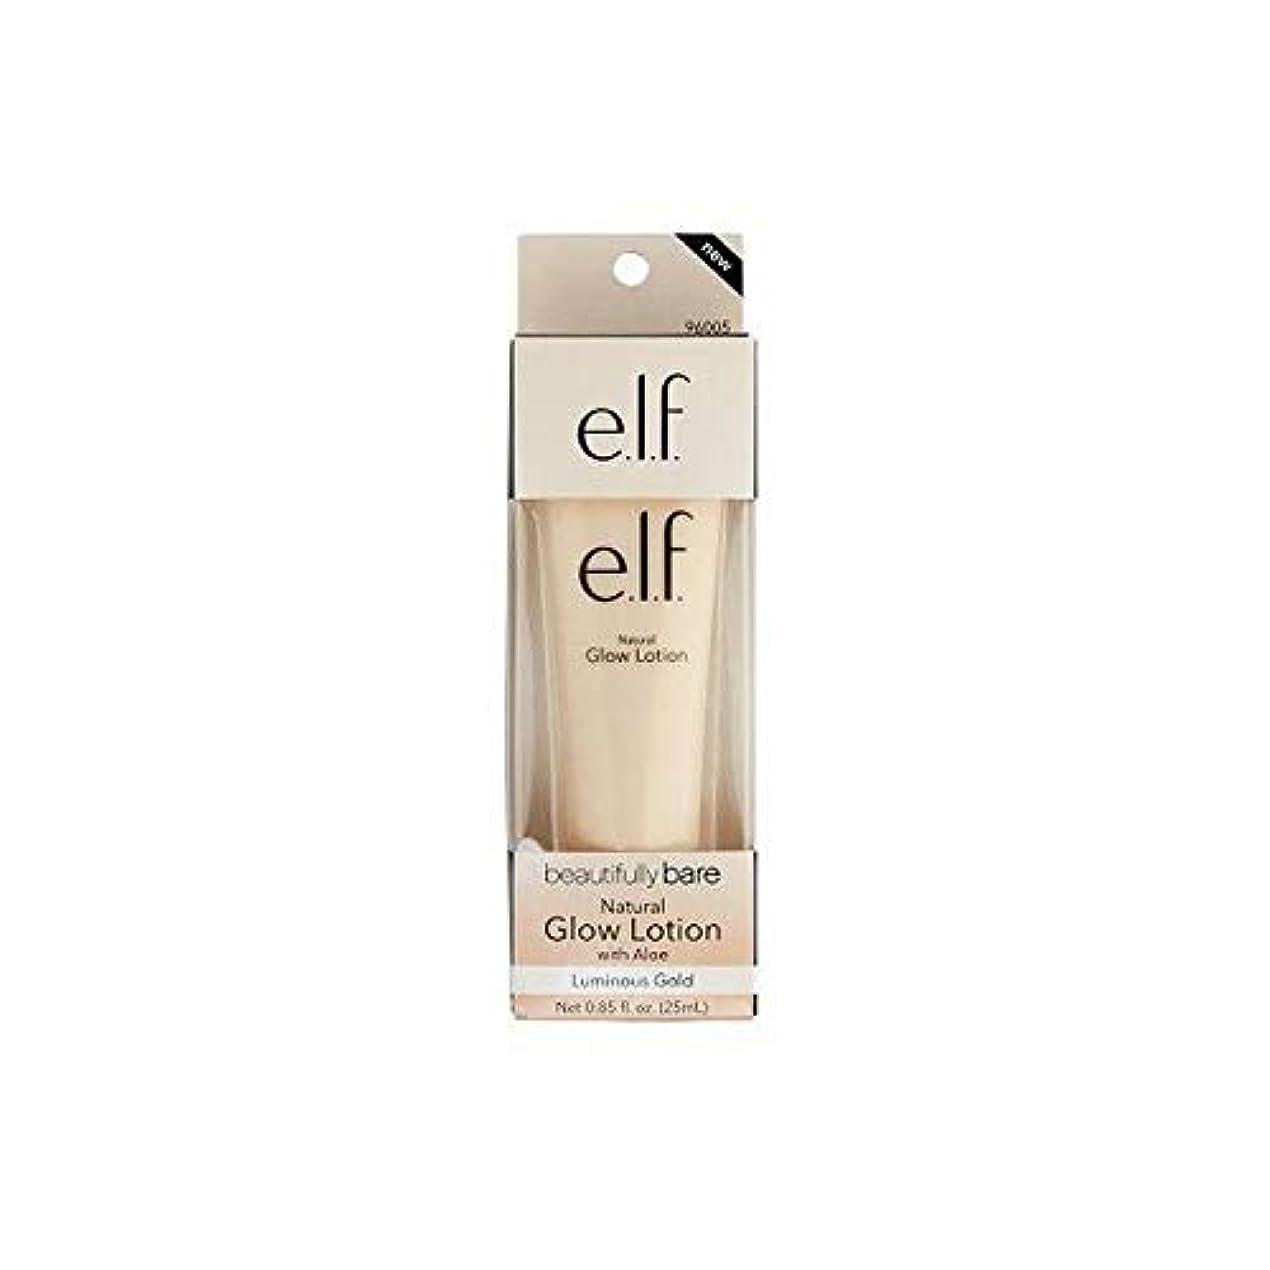 コミットトランスミッション熱[Elf ] エルフ。美しく裸自然グローローション金 - e.l.f. Beautifully Bare Natural Glow Lotion gold [並行輸入品]